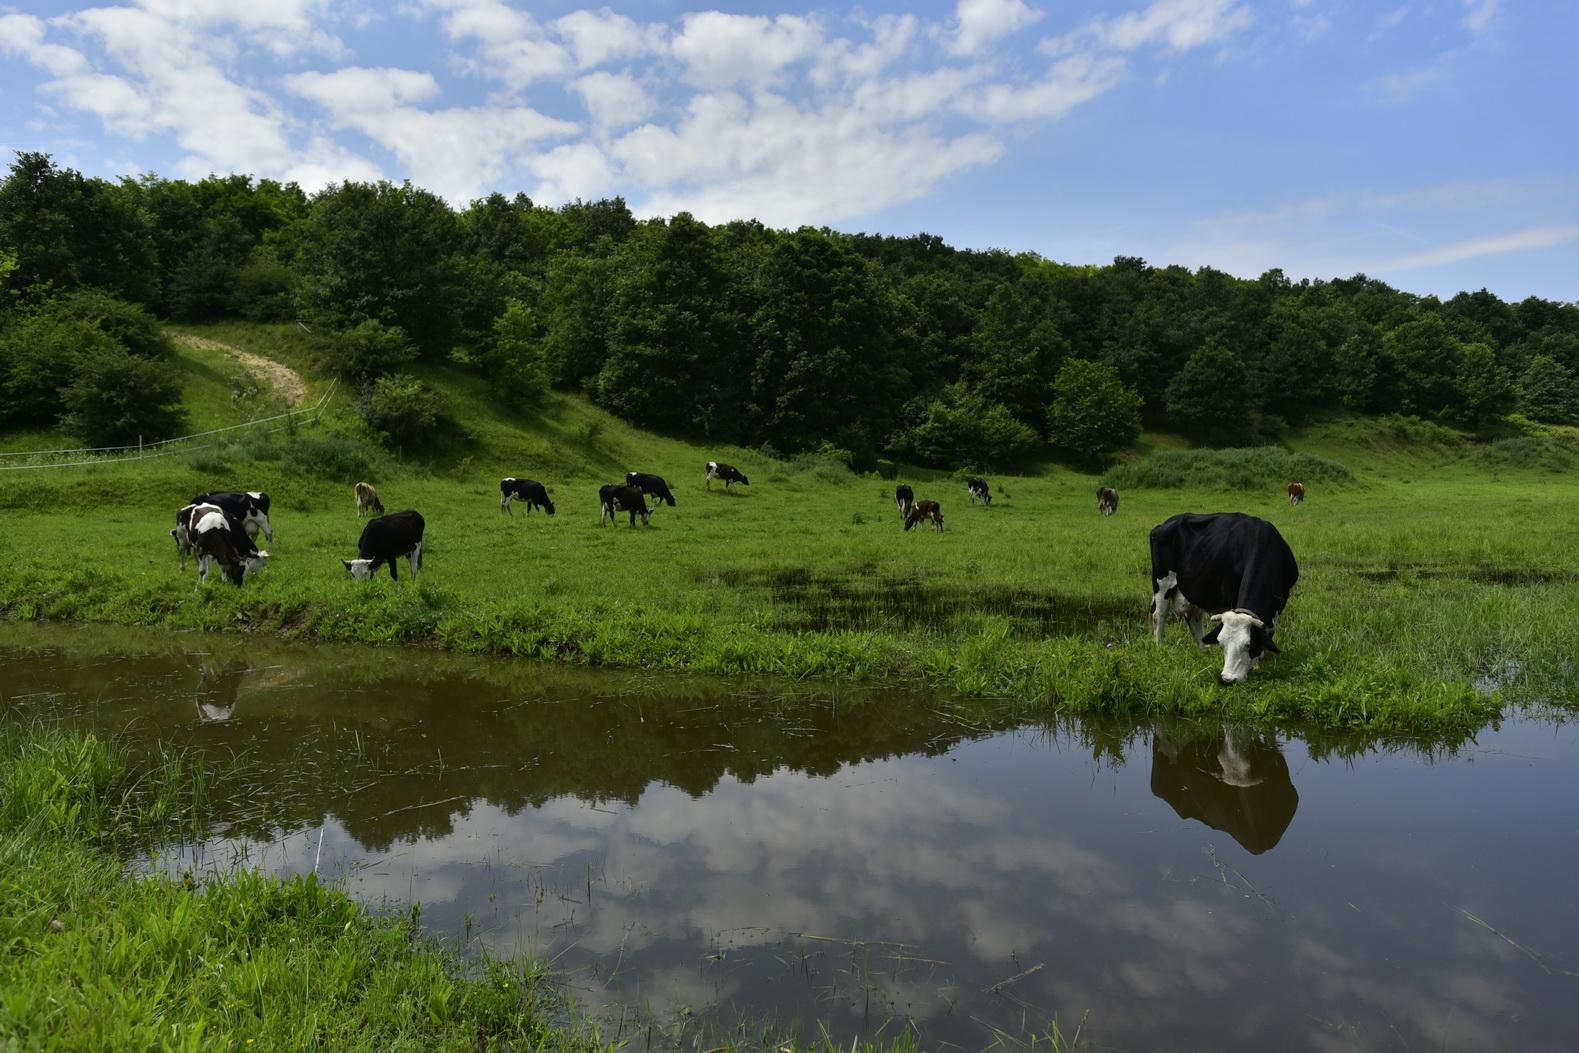 Hétforrás Birtok - július blog - tejtermelő